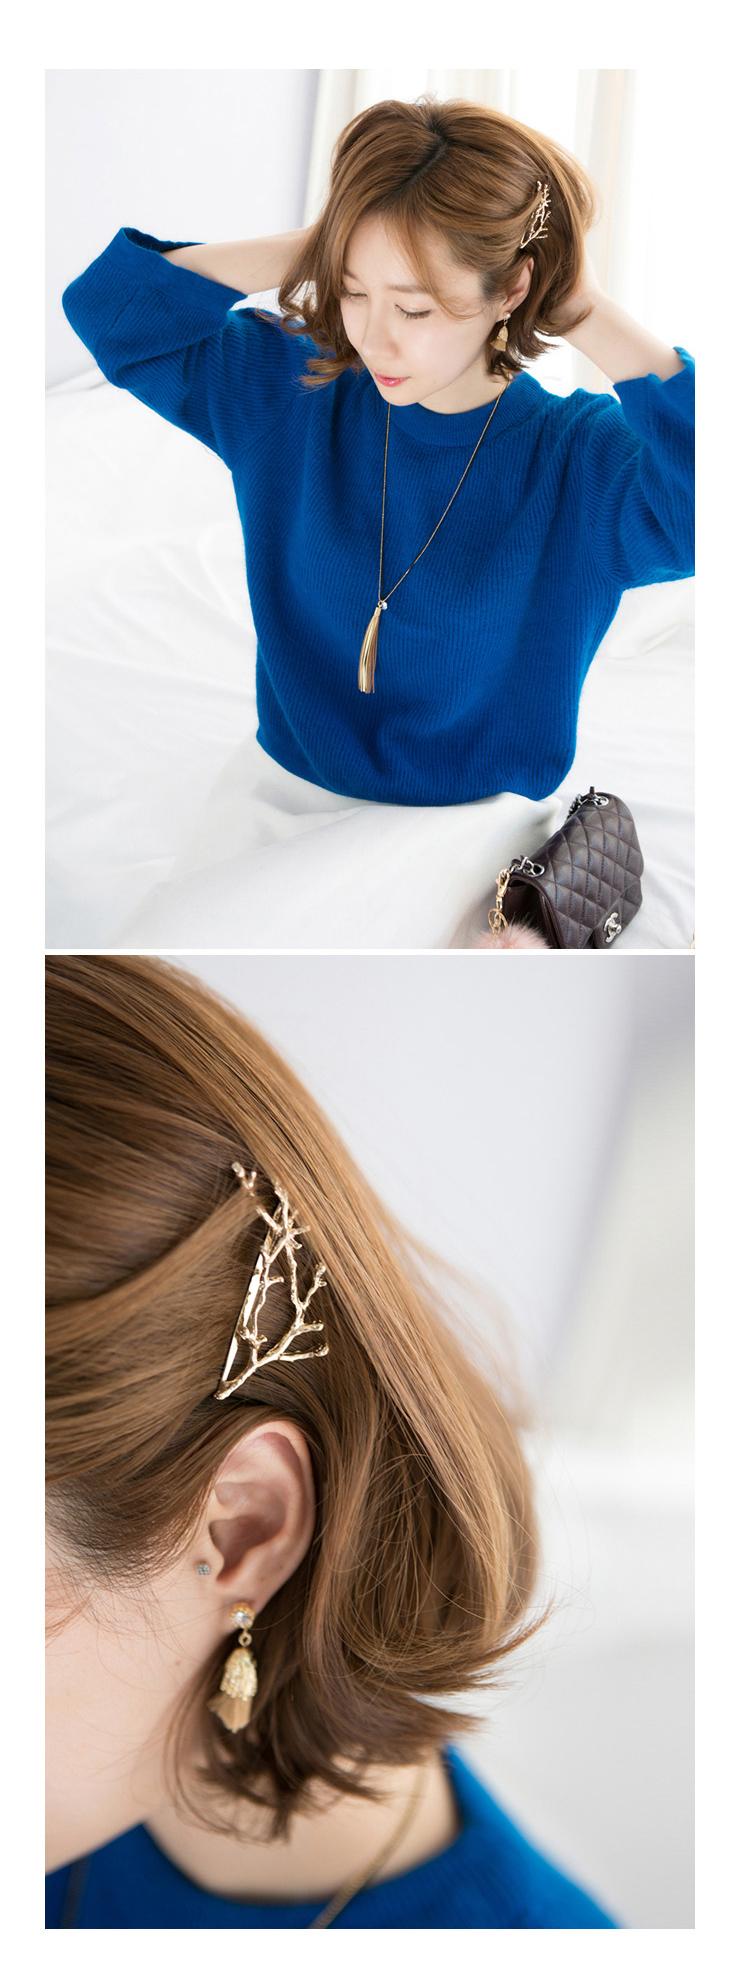 HTB1Q_cIJpXXXXayXVXXq6xXFXXXG Hip Women Scissors/Branches Fashion Clip For Hair - 2 Colors